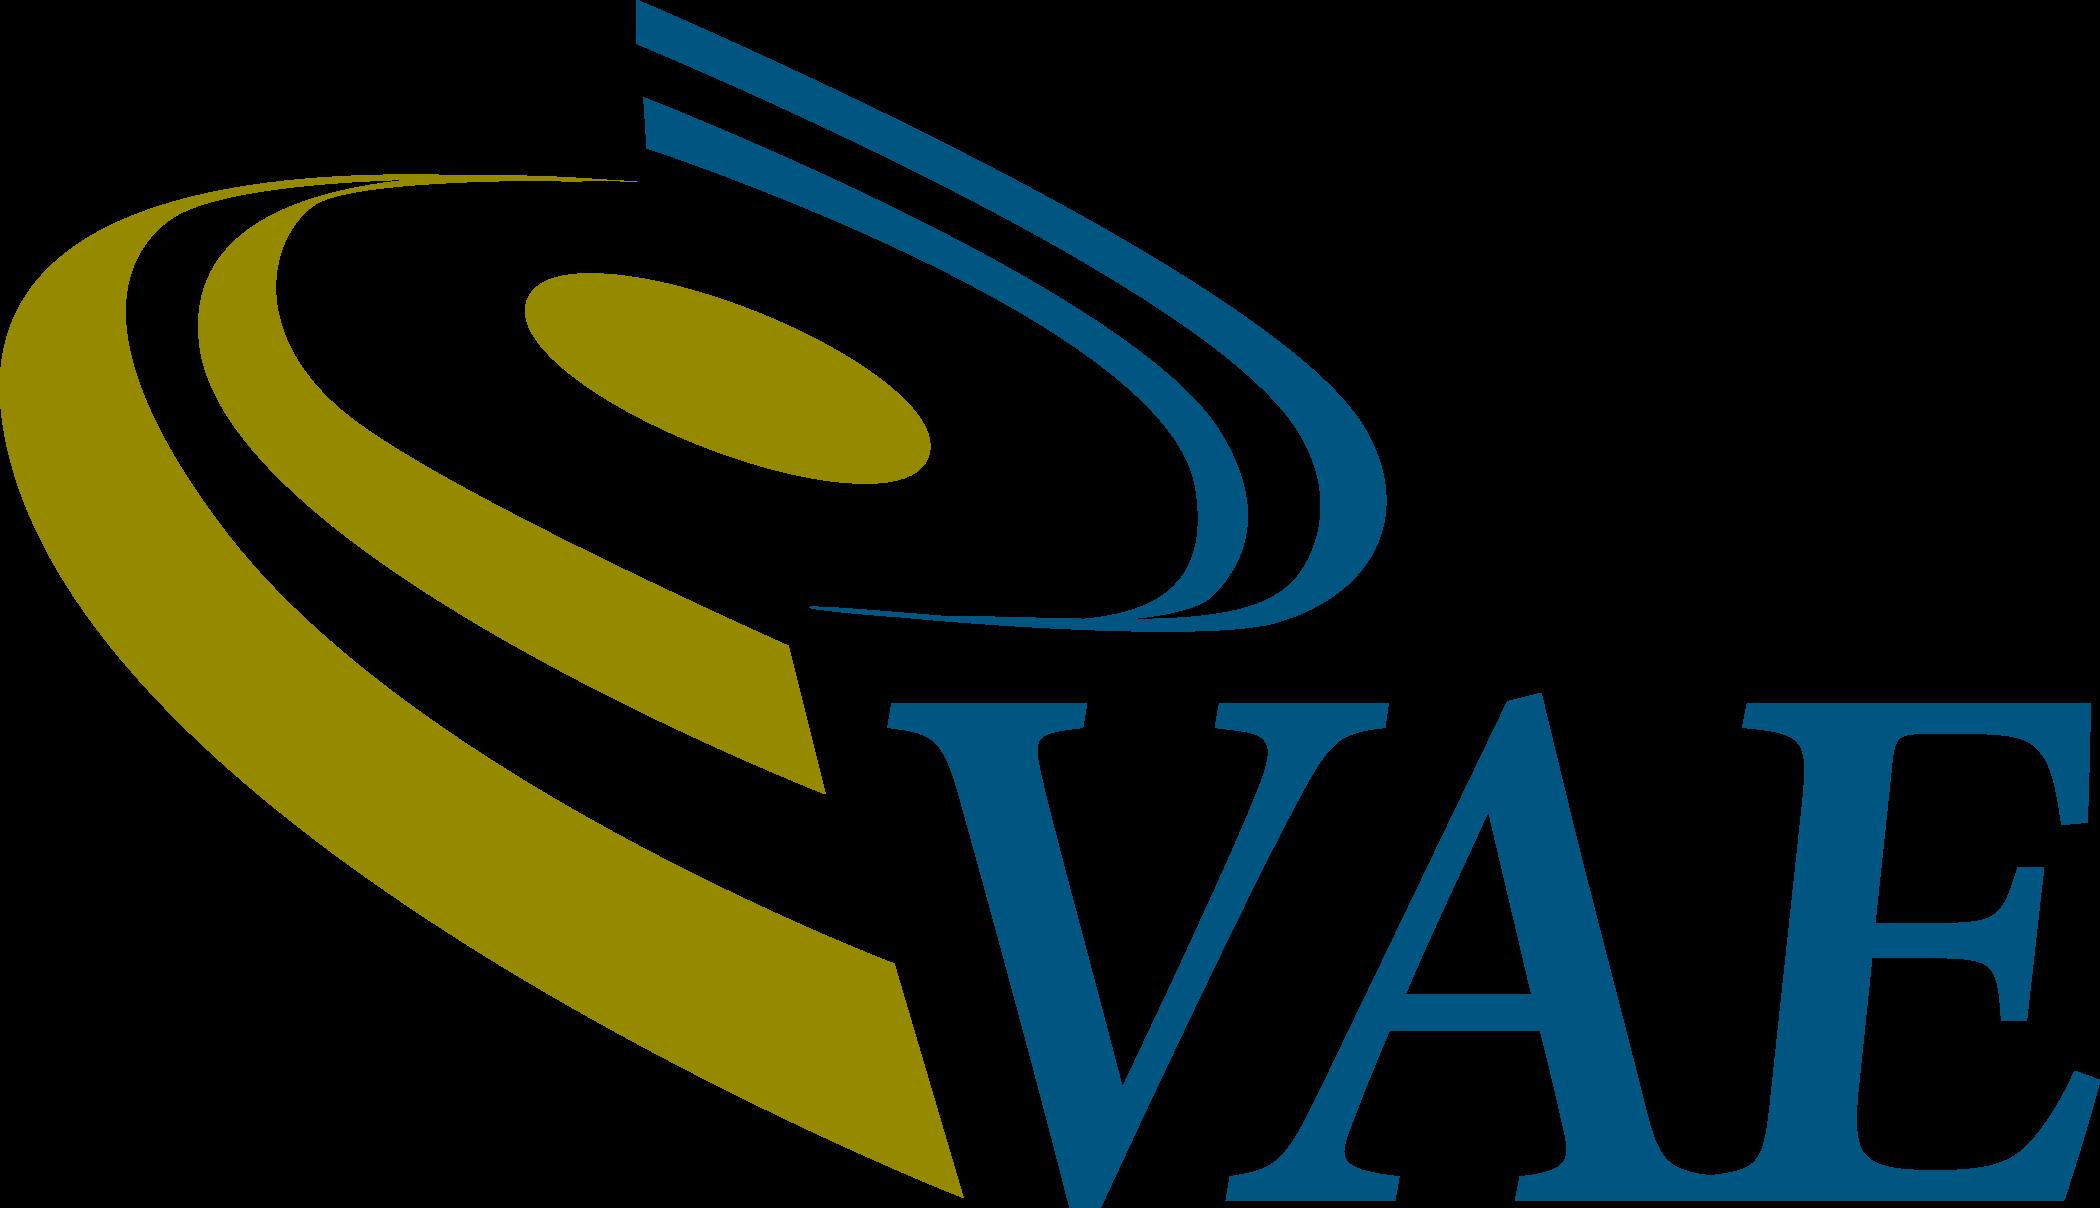 VAE Inc logo